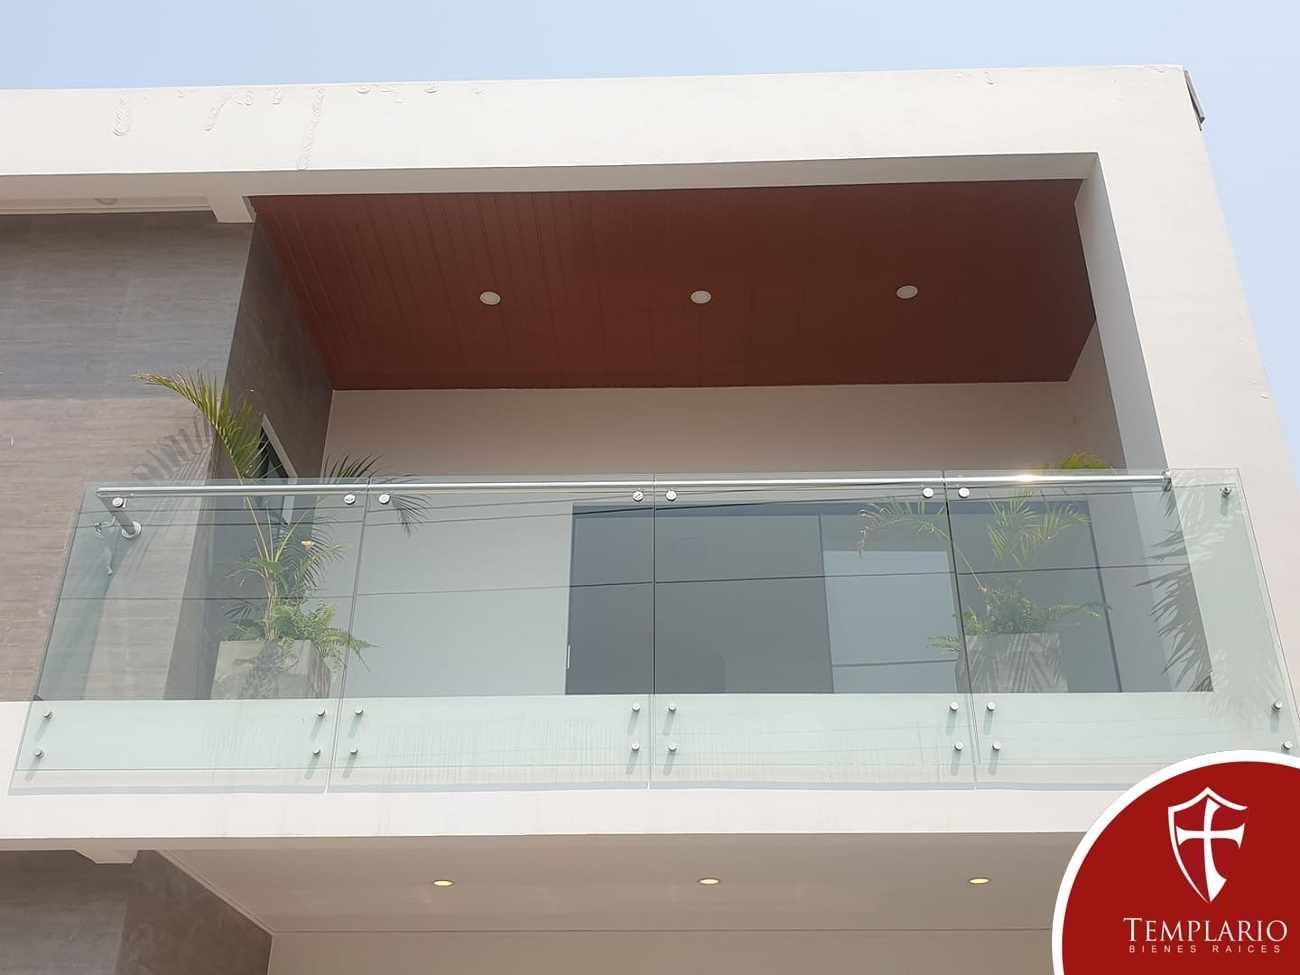 Casa en Venta Av. Santos Dumont 3er y 4to Anillo - Vecindario Residencial Foto 4